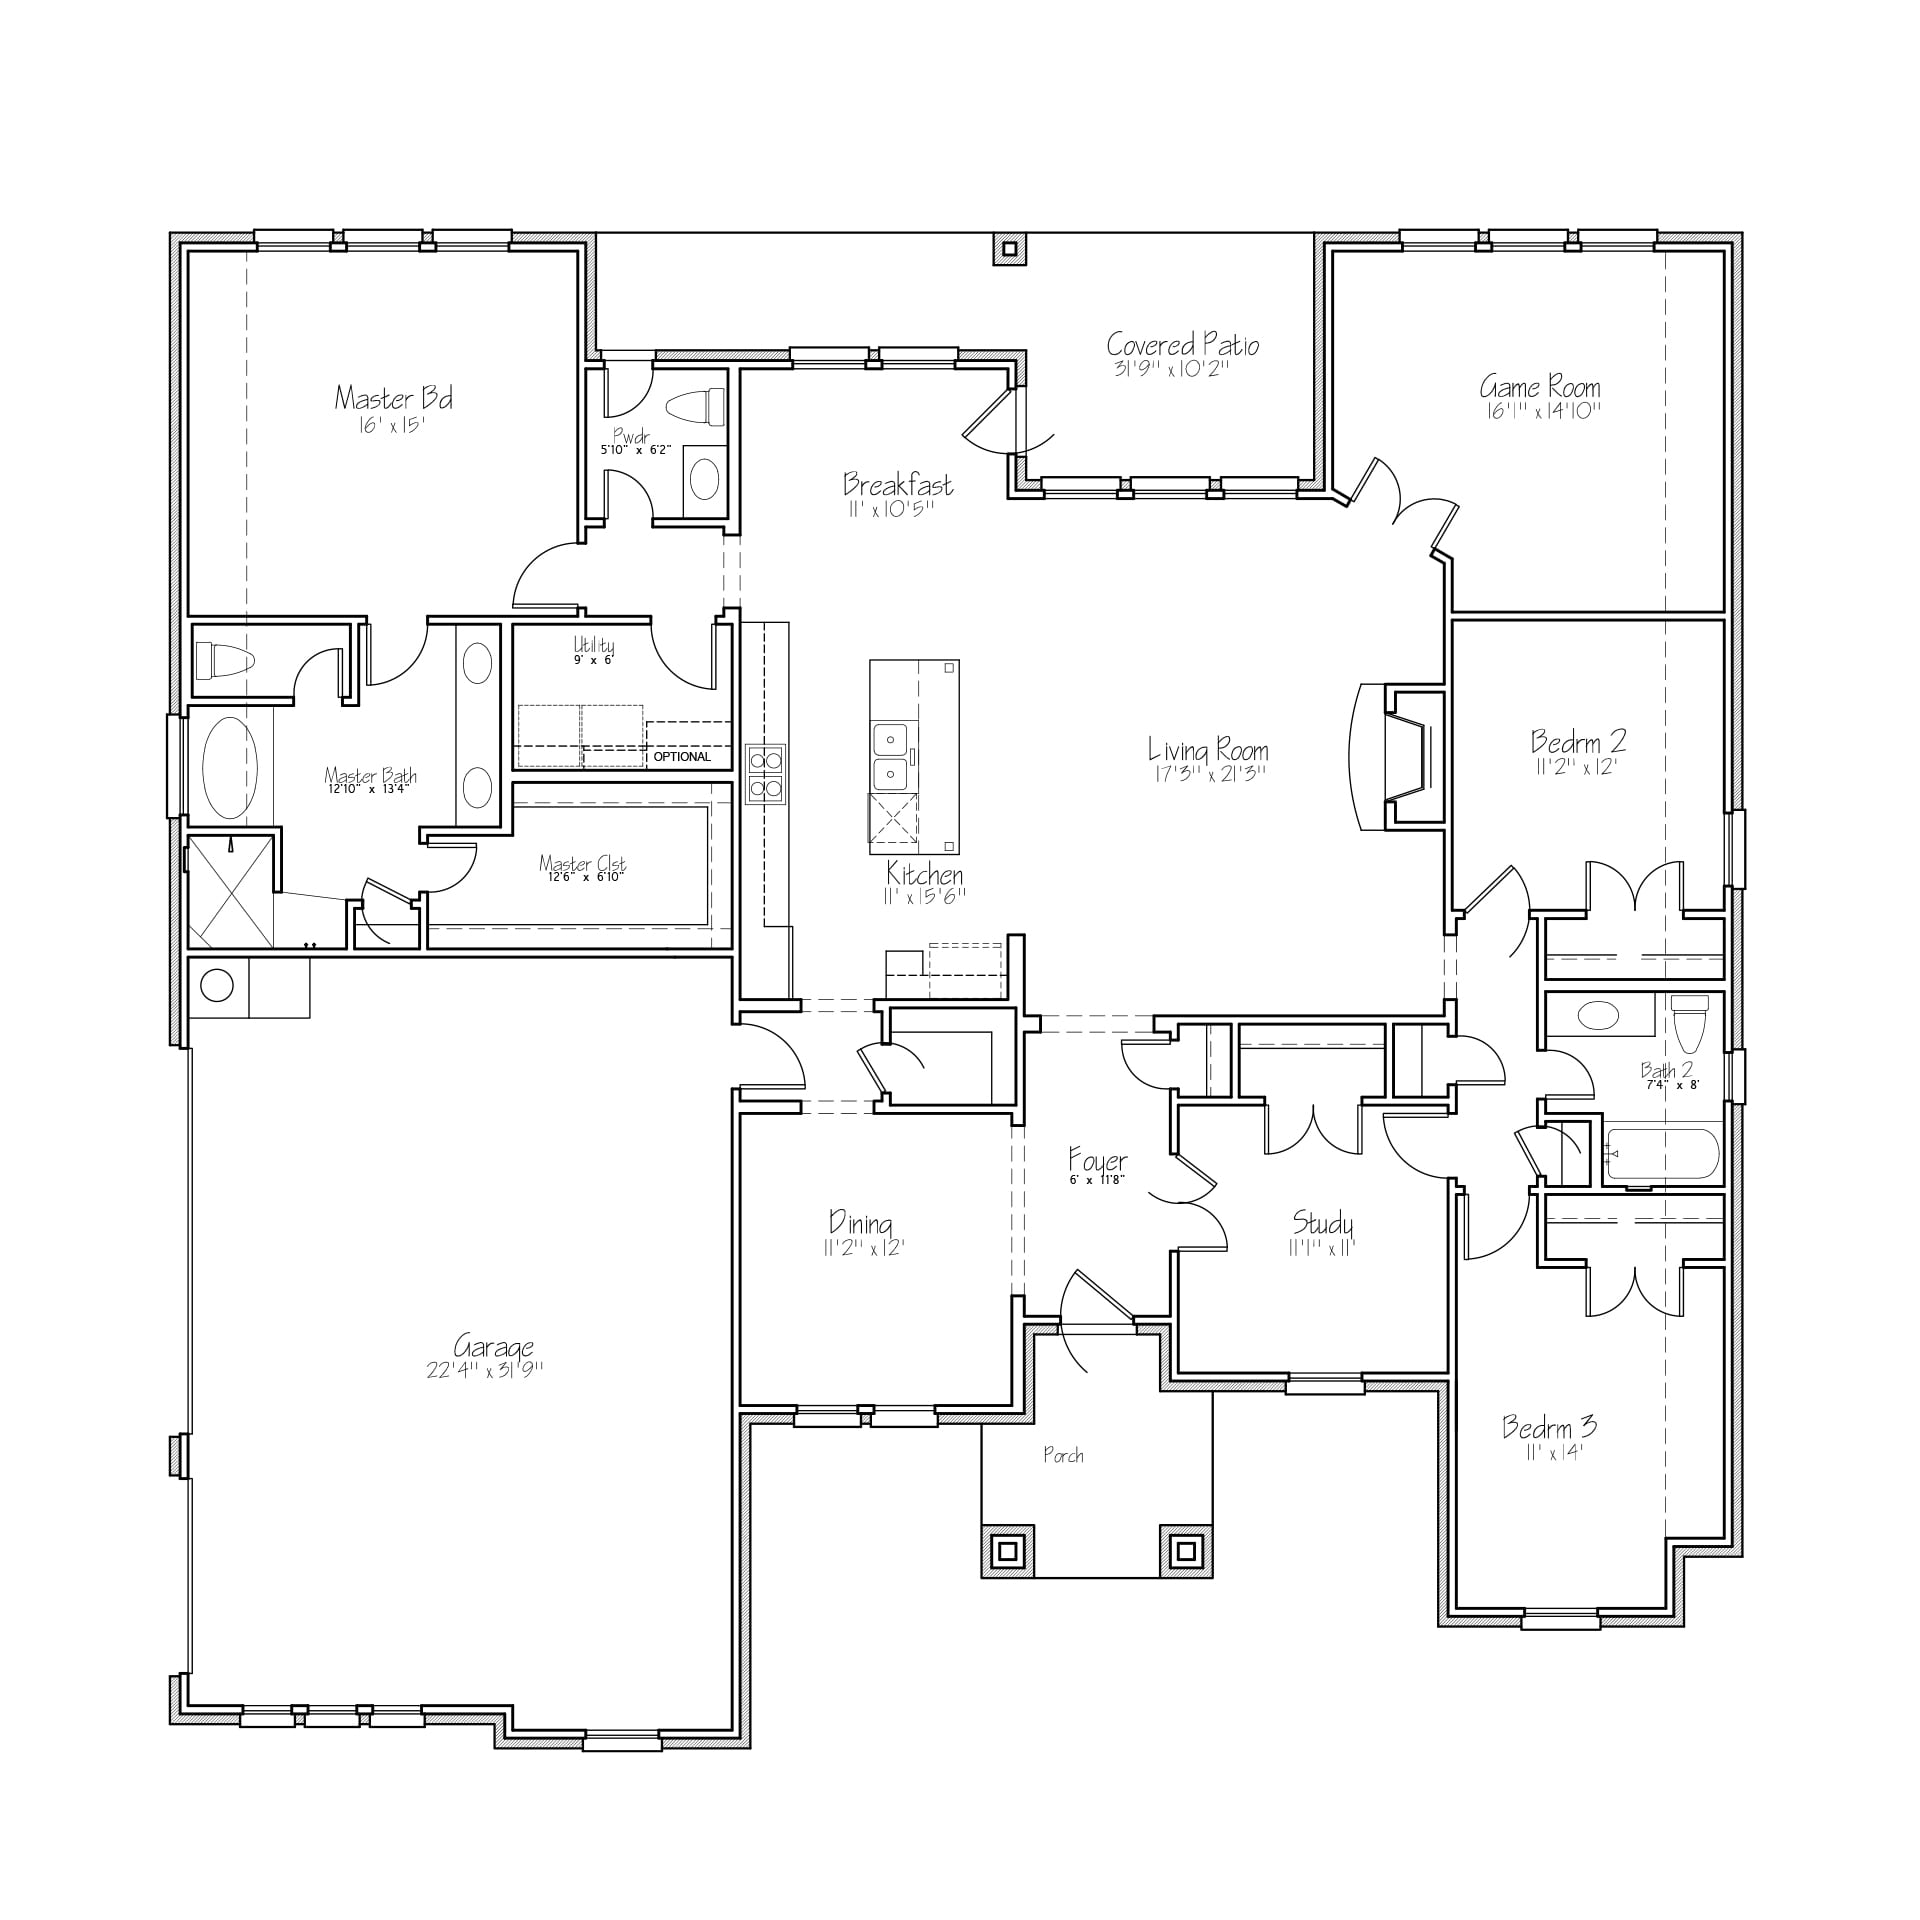 8107-floor-plan-blueprint